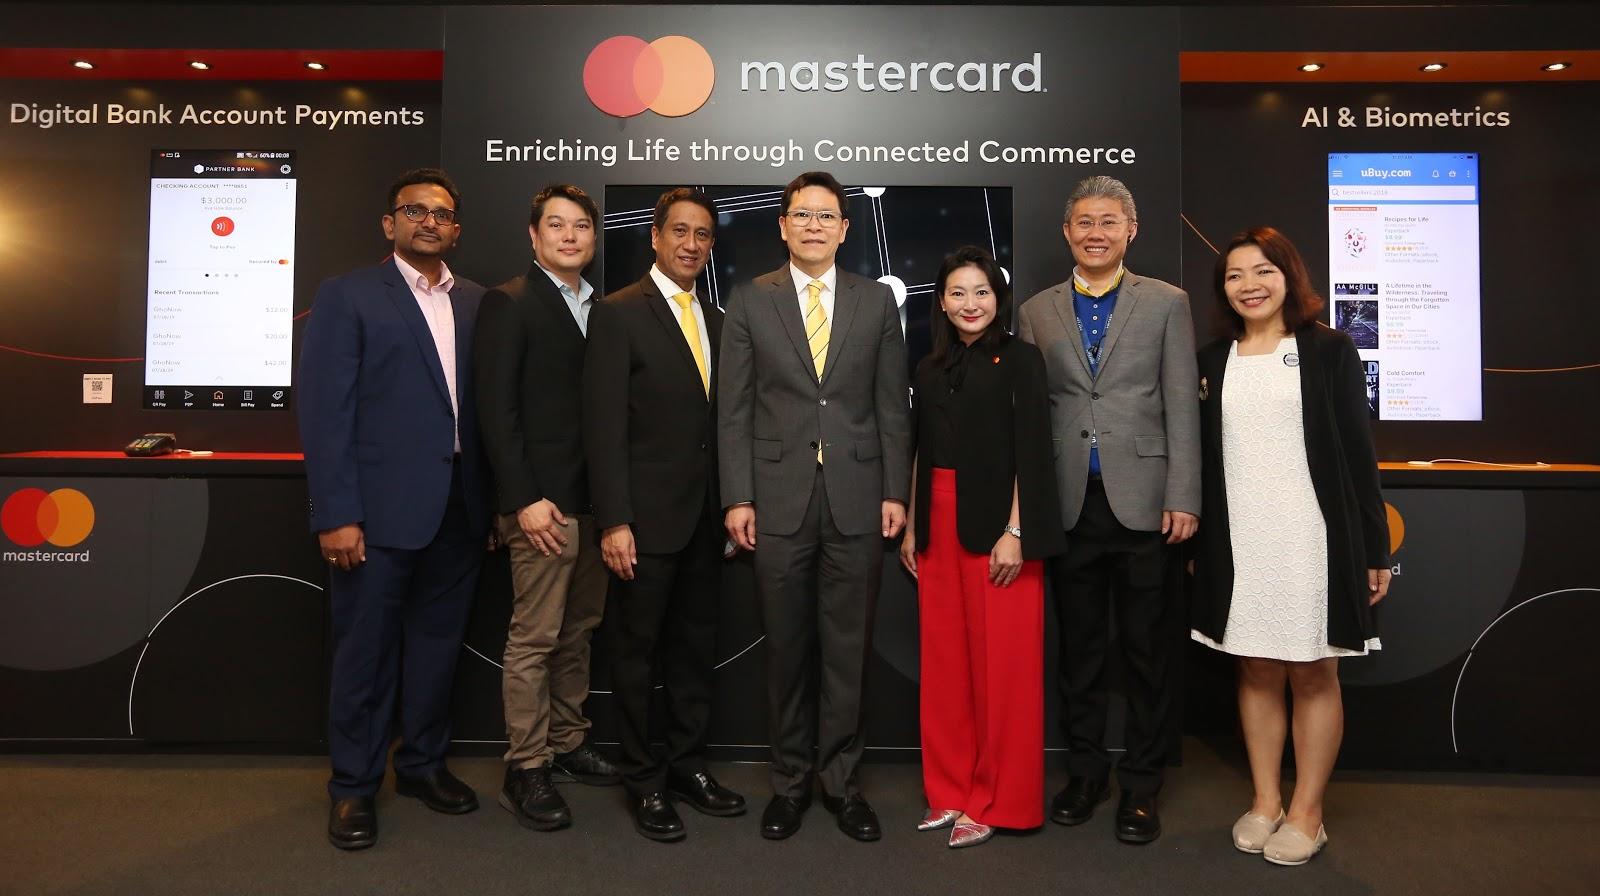 MasterCard เสริมความแข็งแกร่งความเป็นผู้นำด้านการชำระเงินแบบเรียลไทม์ใน Asia Pacific โดยมุ่งเน้นที่ตลาดในประเทศไทย